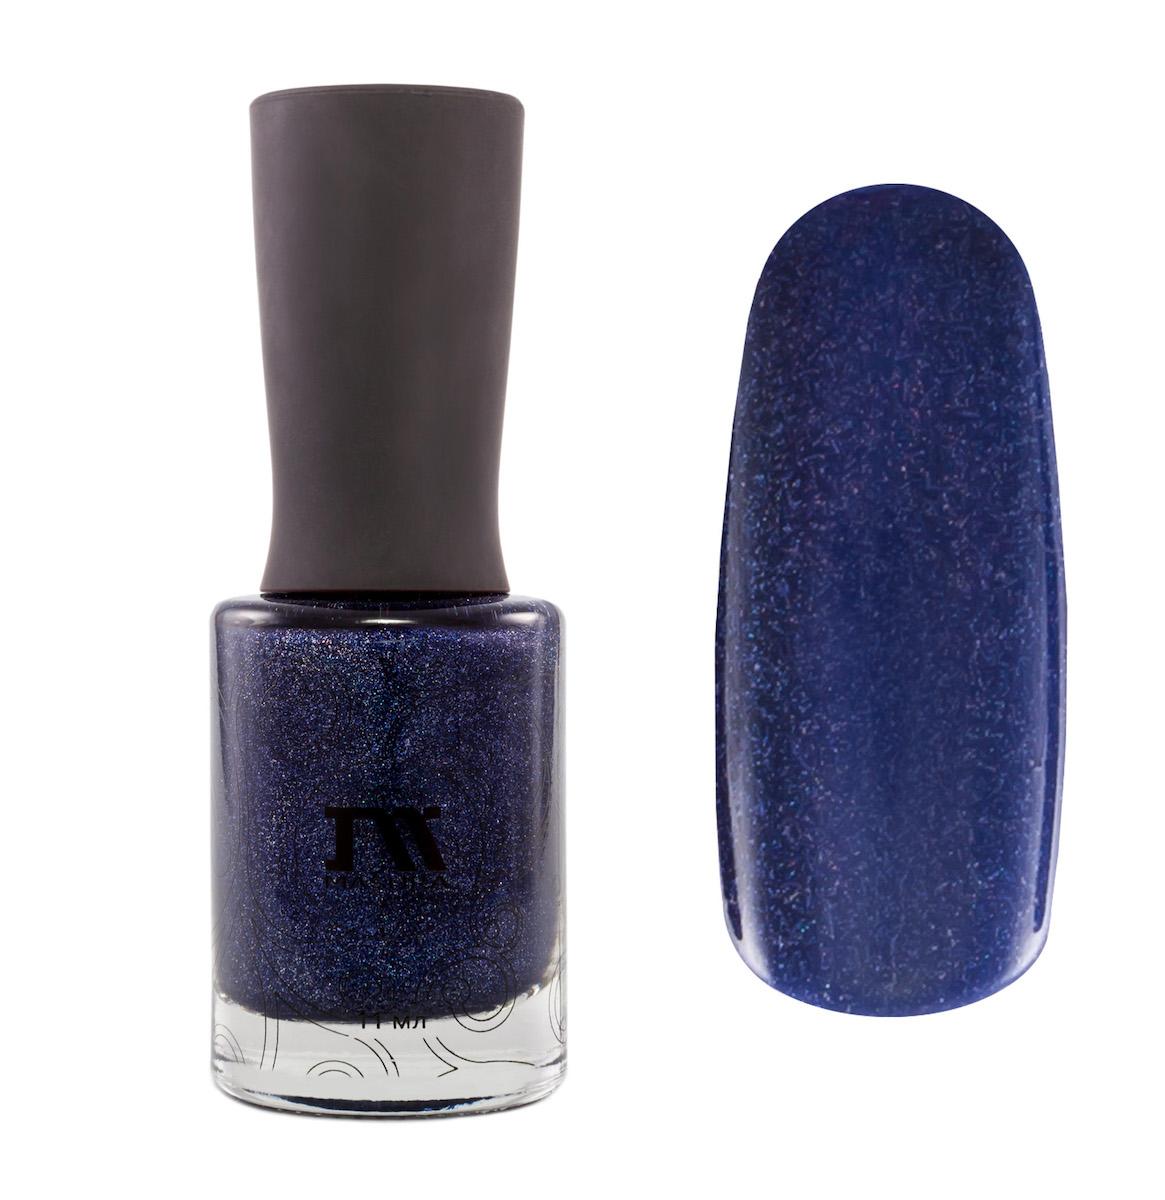 Masura Лак для ногтей Это Мой День, 11 мл50060012фиолетовый с серым подтоном, с явным голографическим мерцанием